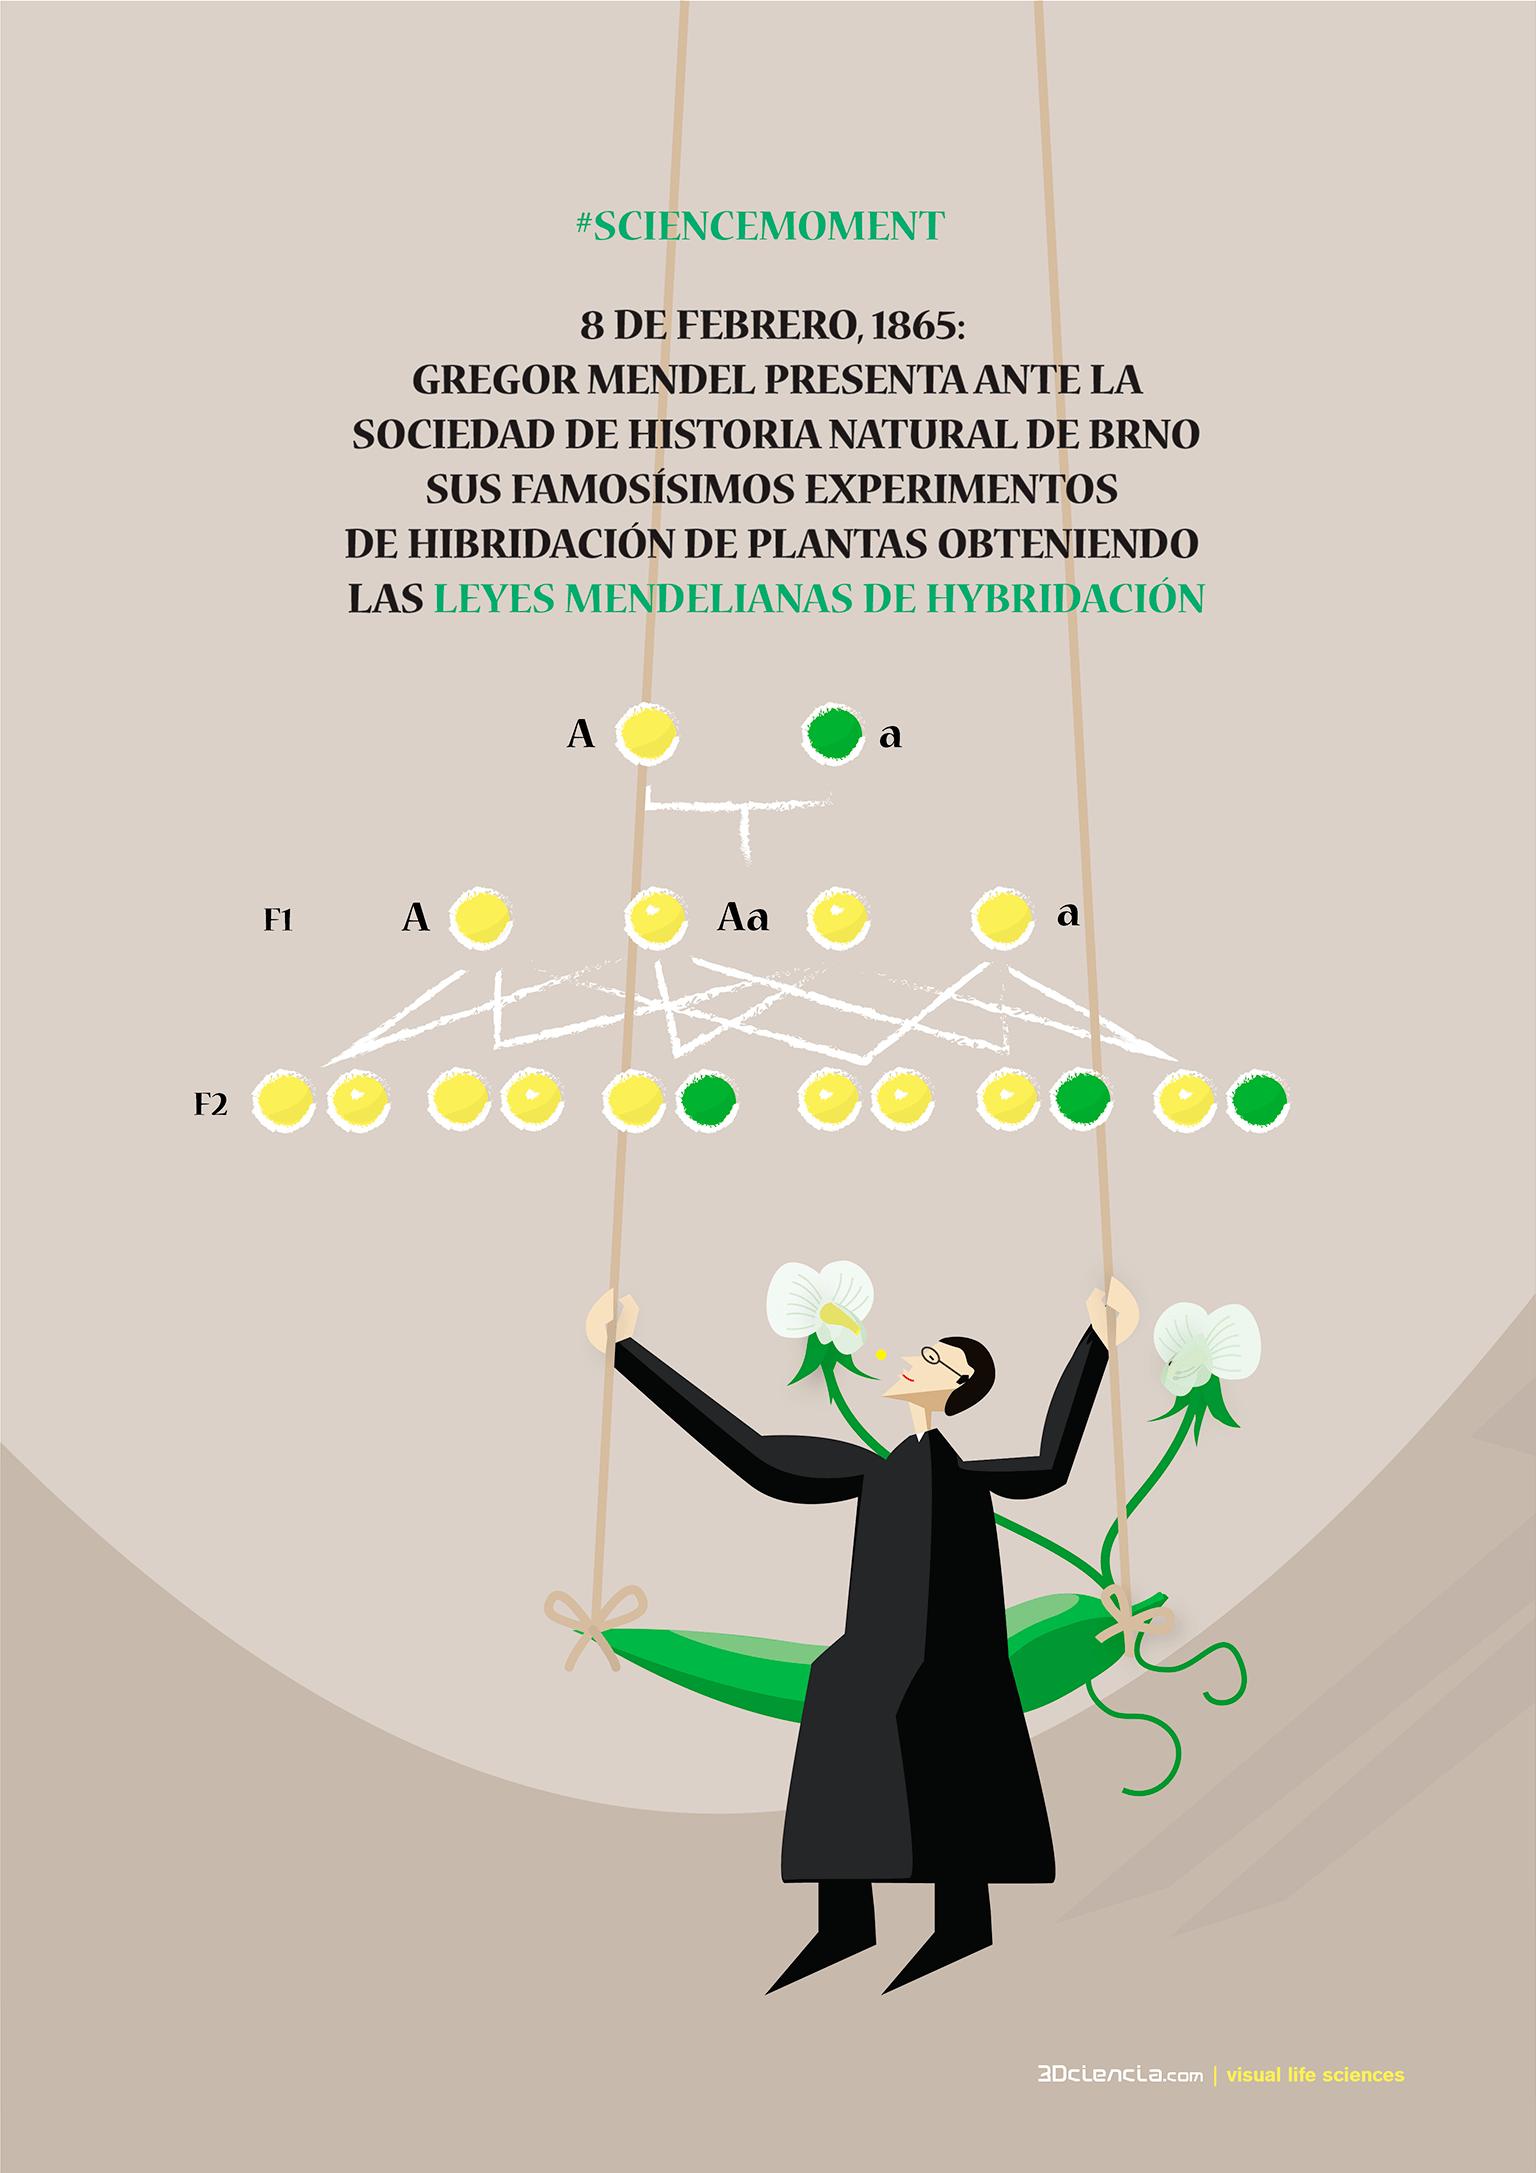 Gregor Mendel Experiments On Plant Hybridization